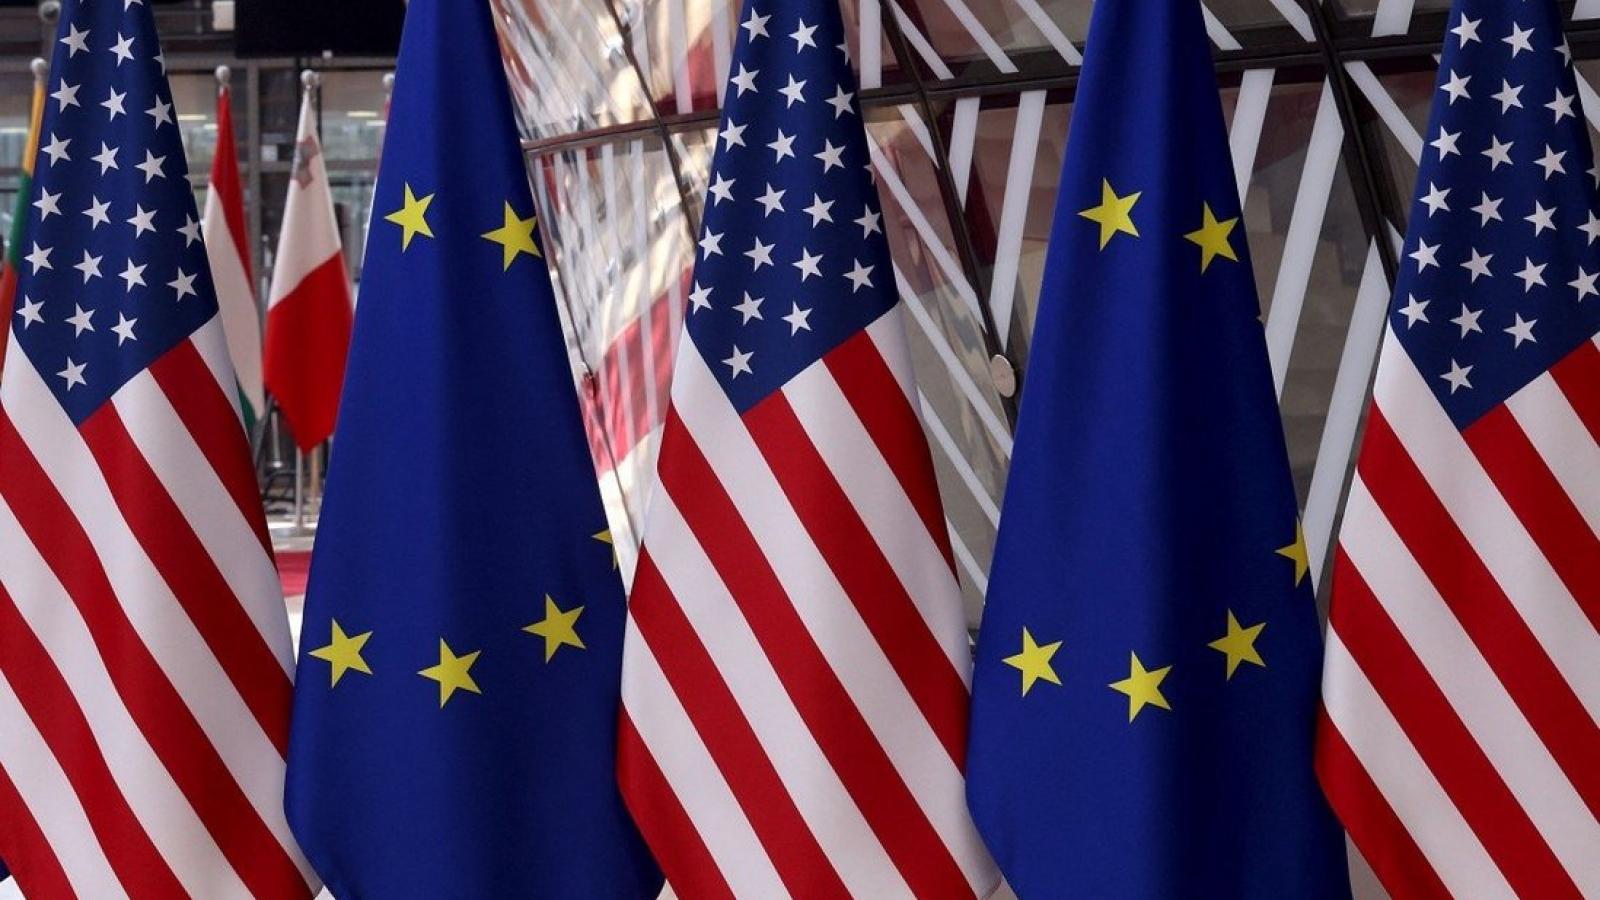 """Quan chức Nhà Trắng: Mỹ và châu Âu phải """"hợp tác tối đa"""" để đối phó với Trung Quốc"""